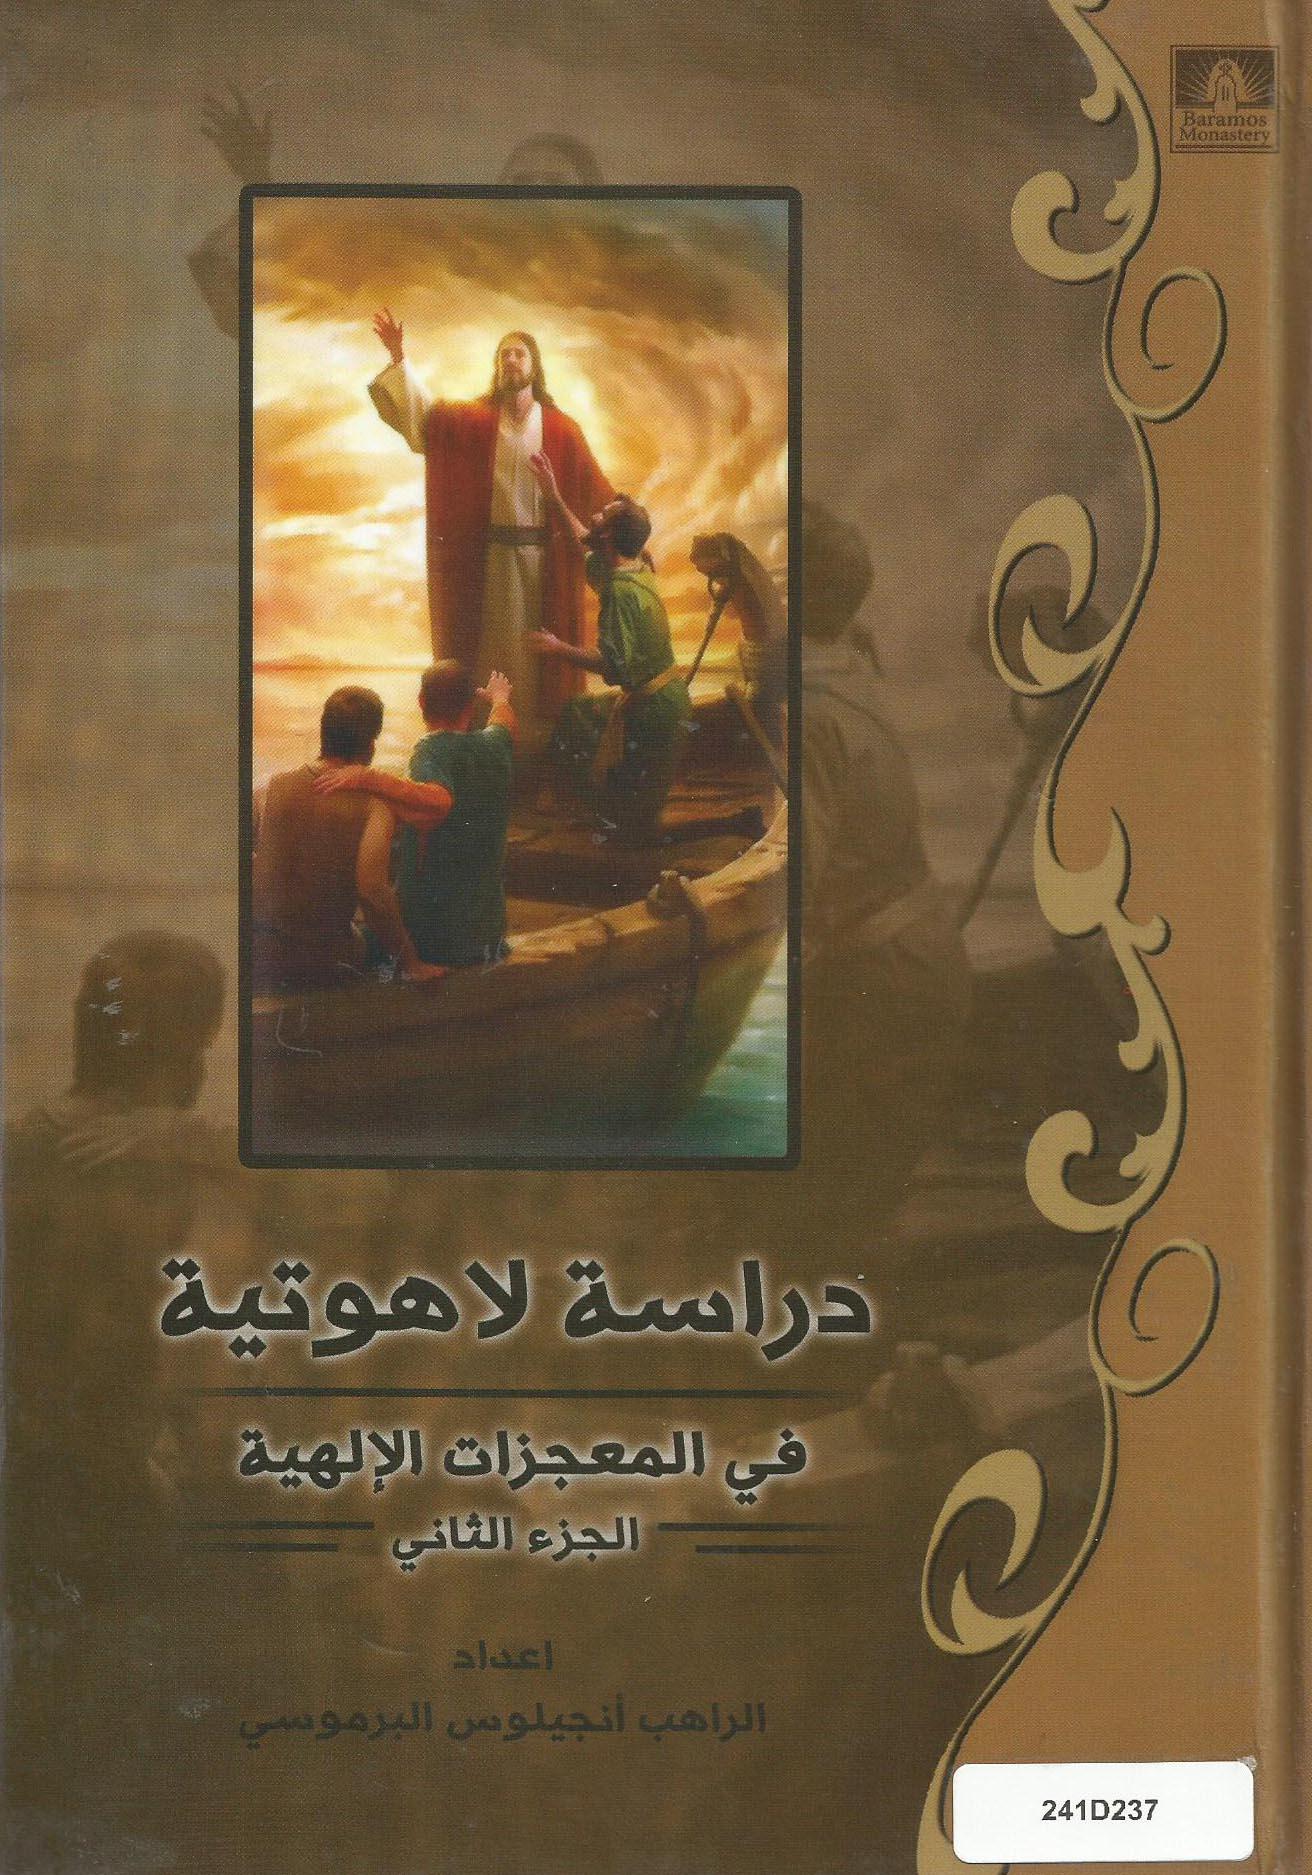 دراسة لاهوتية فى المعجزات الالهية الجزء الثانى